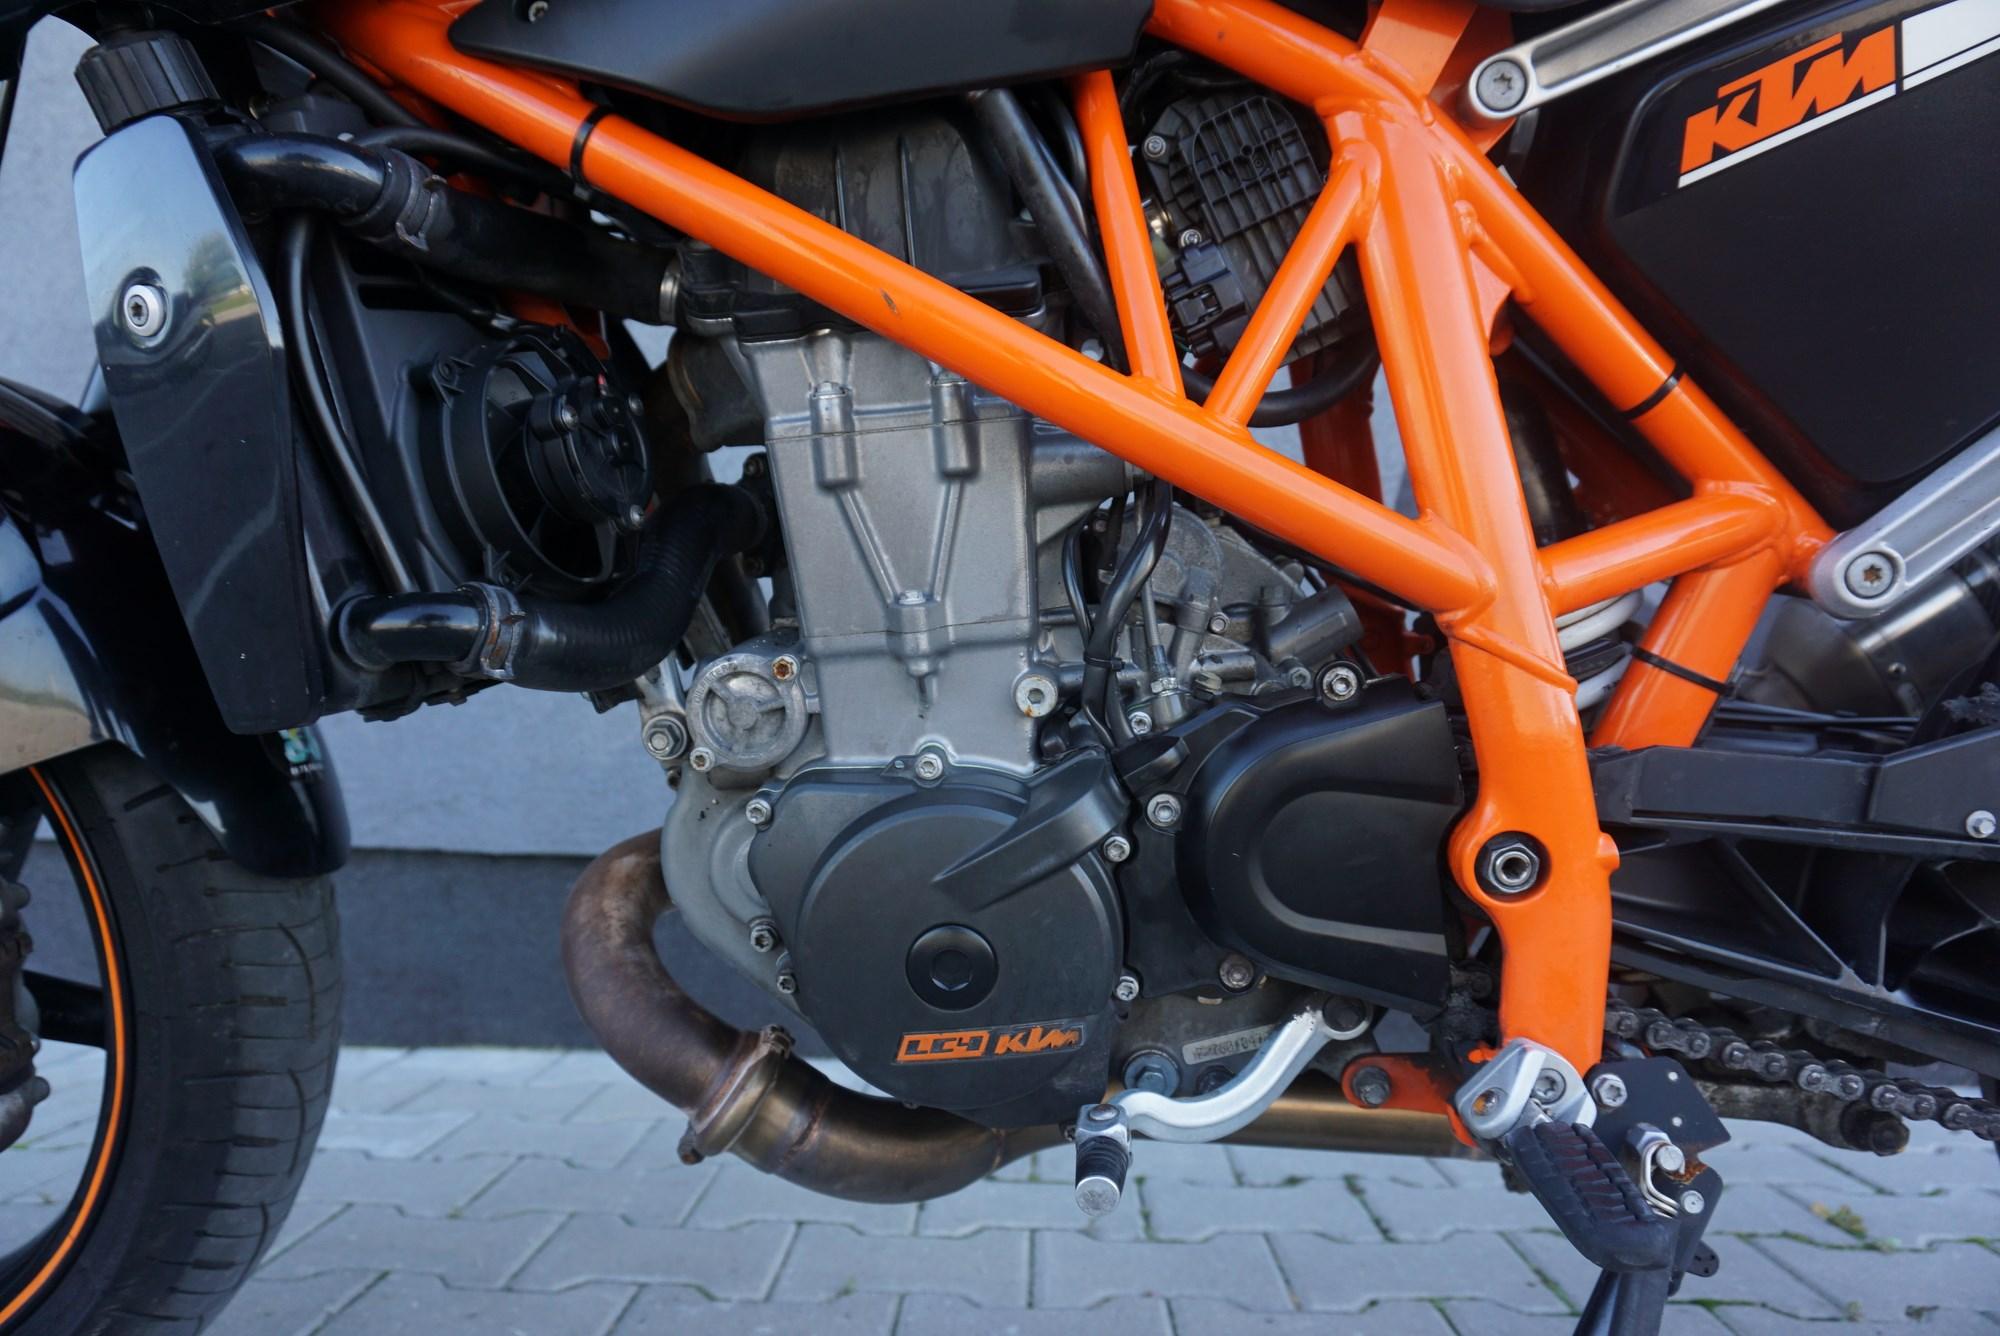 KTM Duke 690